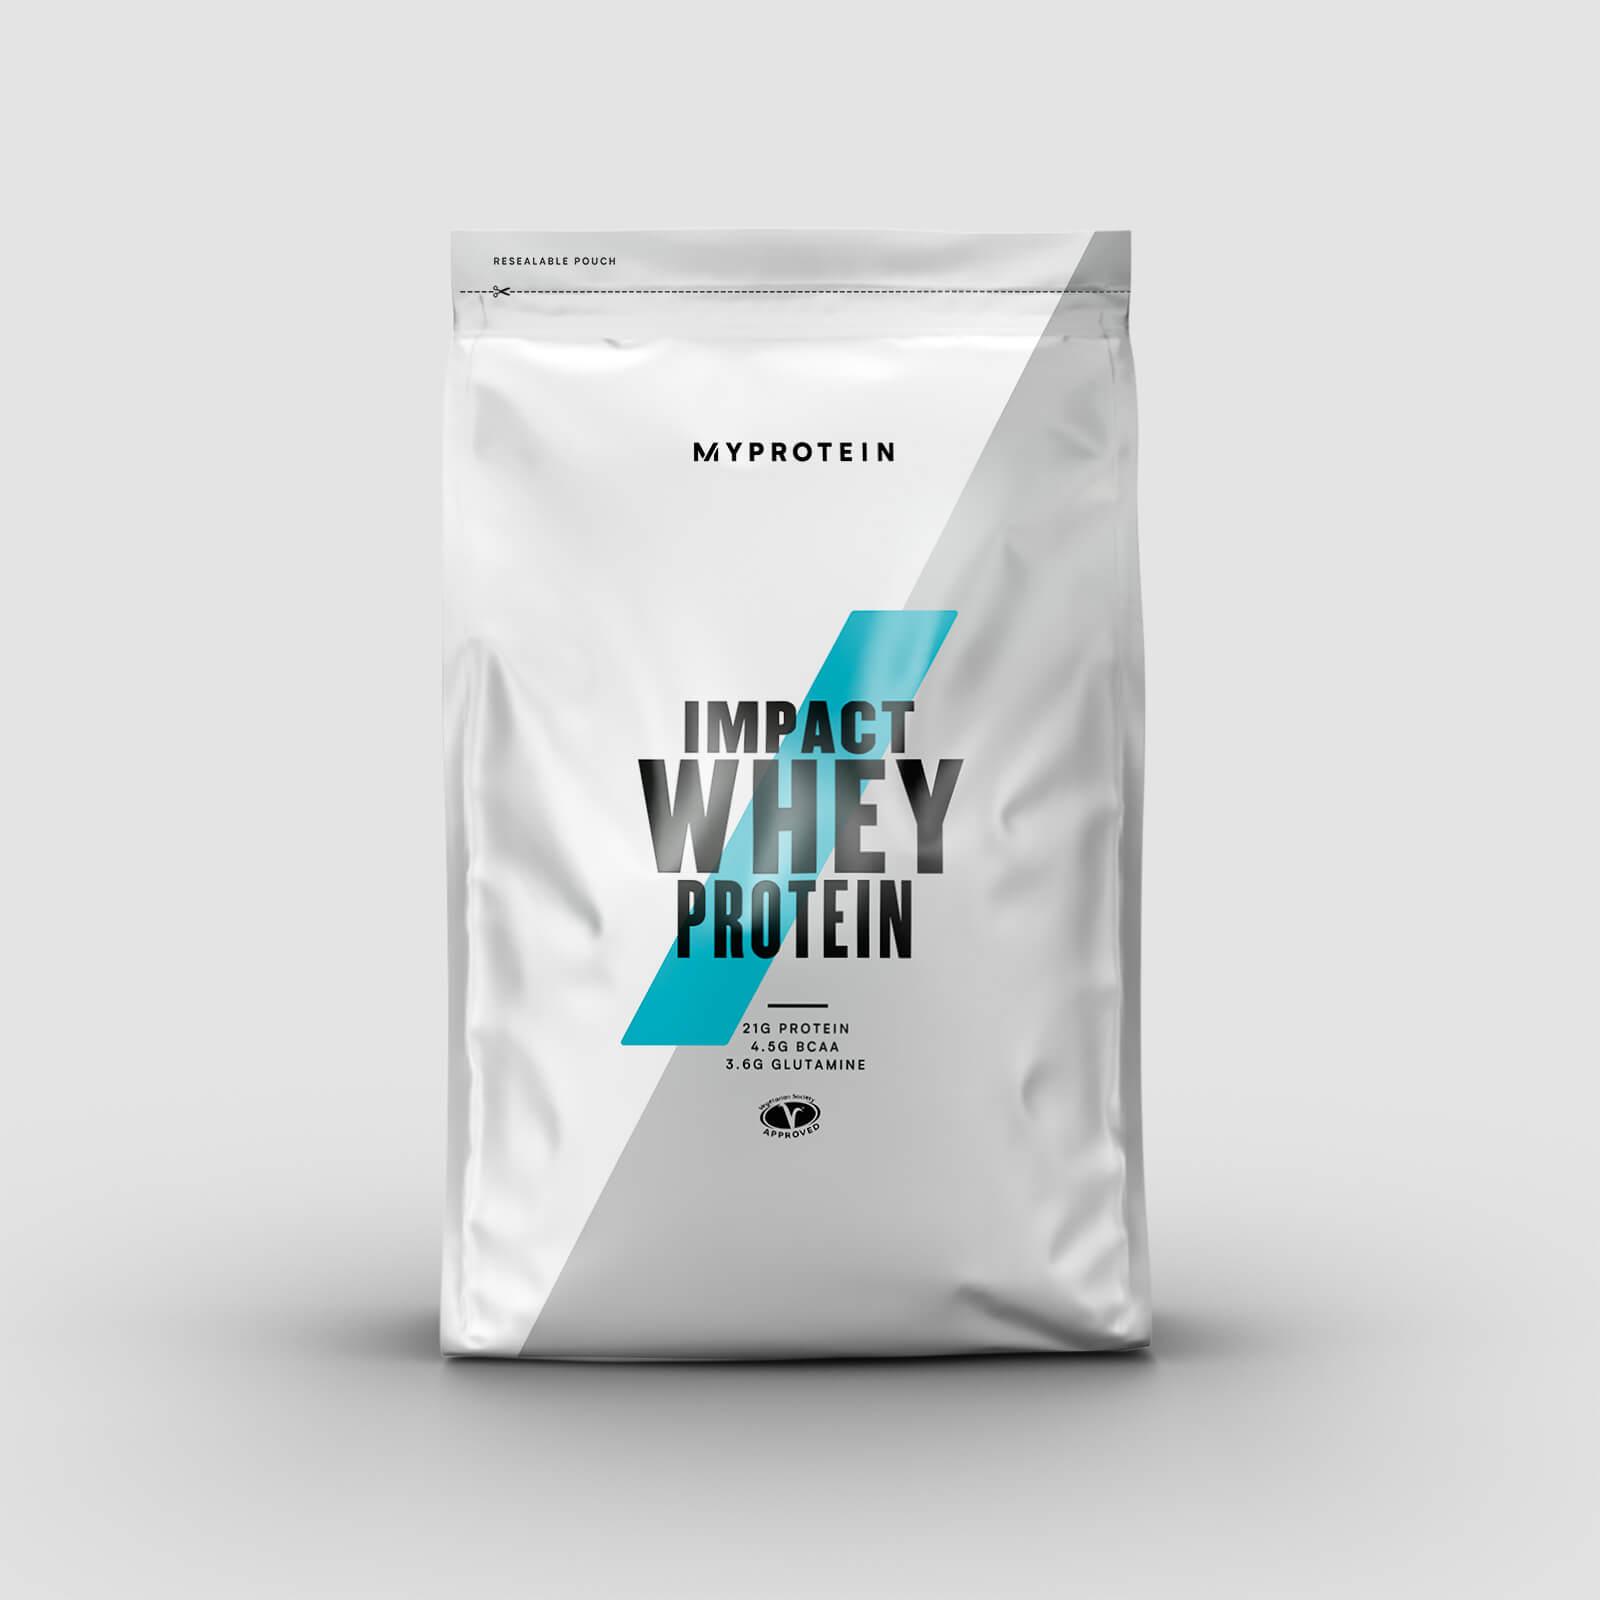 Myprotein Impact Whey Protein - 250g - Vanille